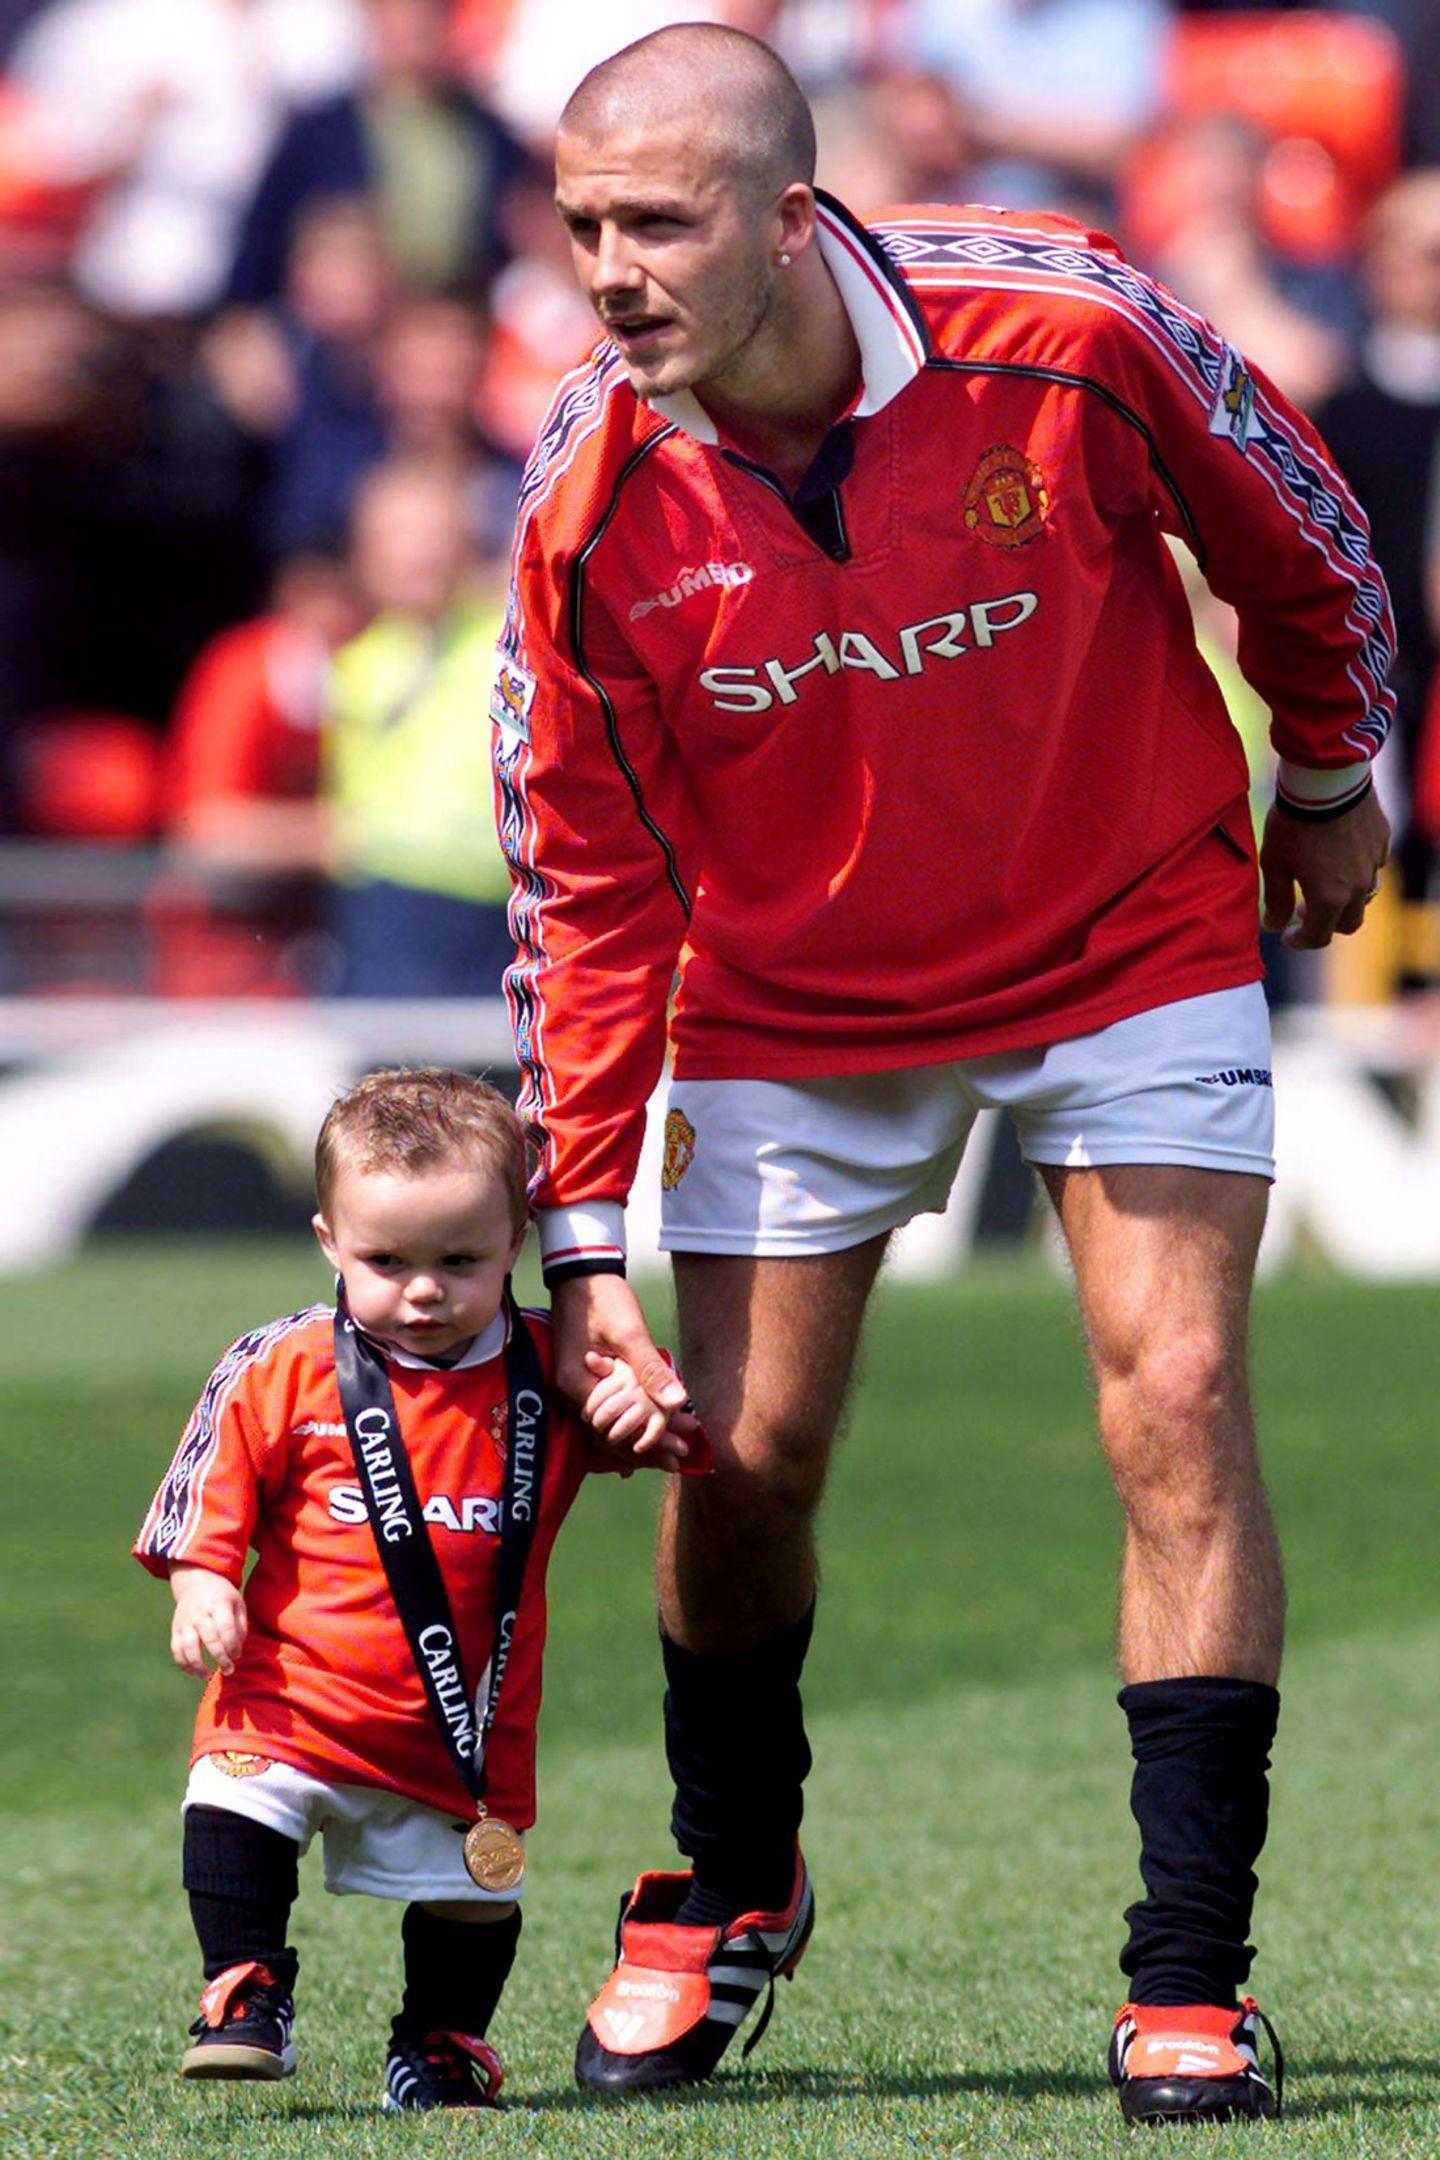 """2000 feiert David Beckham den Sieg der """"Premier League"""" mit seinem Verein Manchester United. Söhnchen Brooklyn ist damals gerade einmal ein Jahr alt war."""